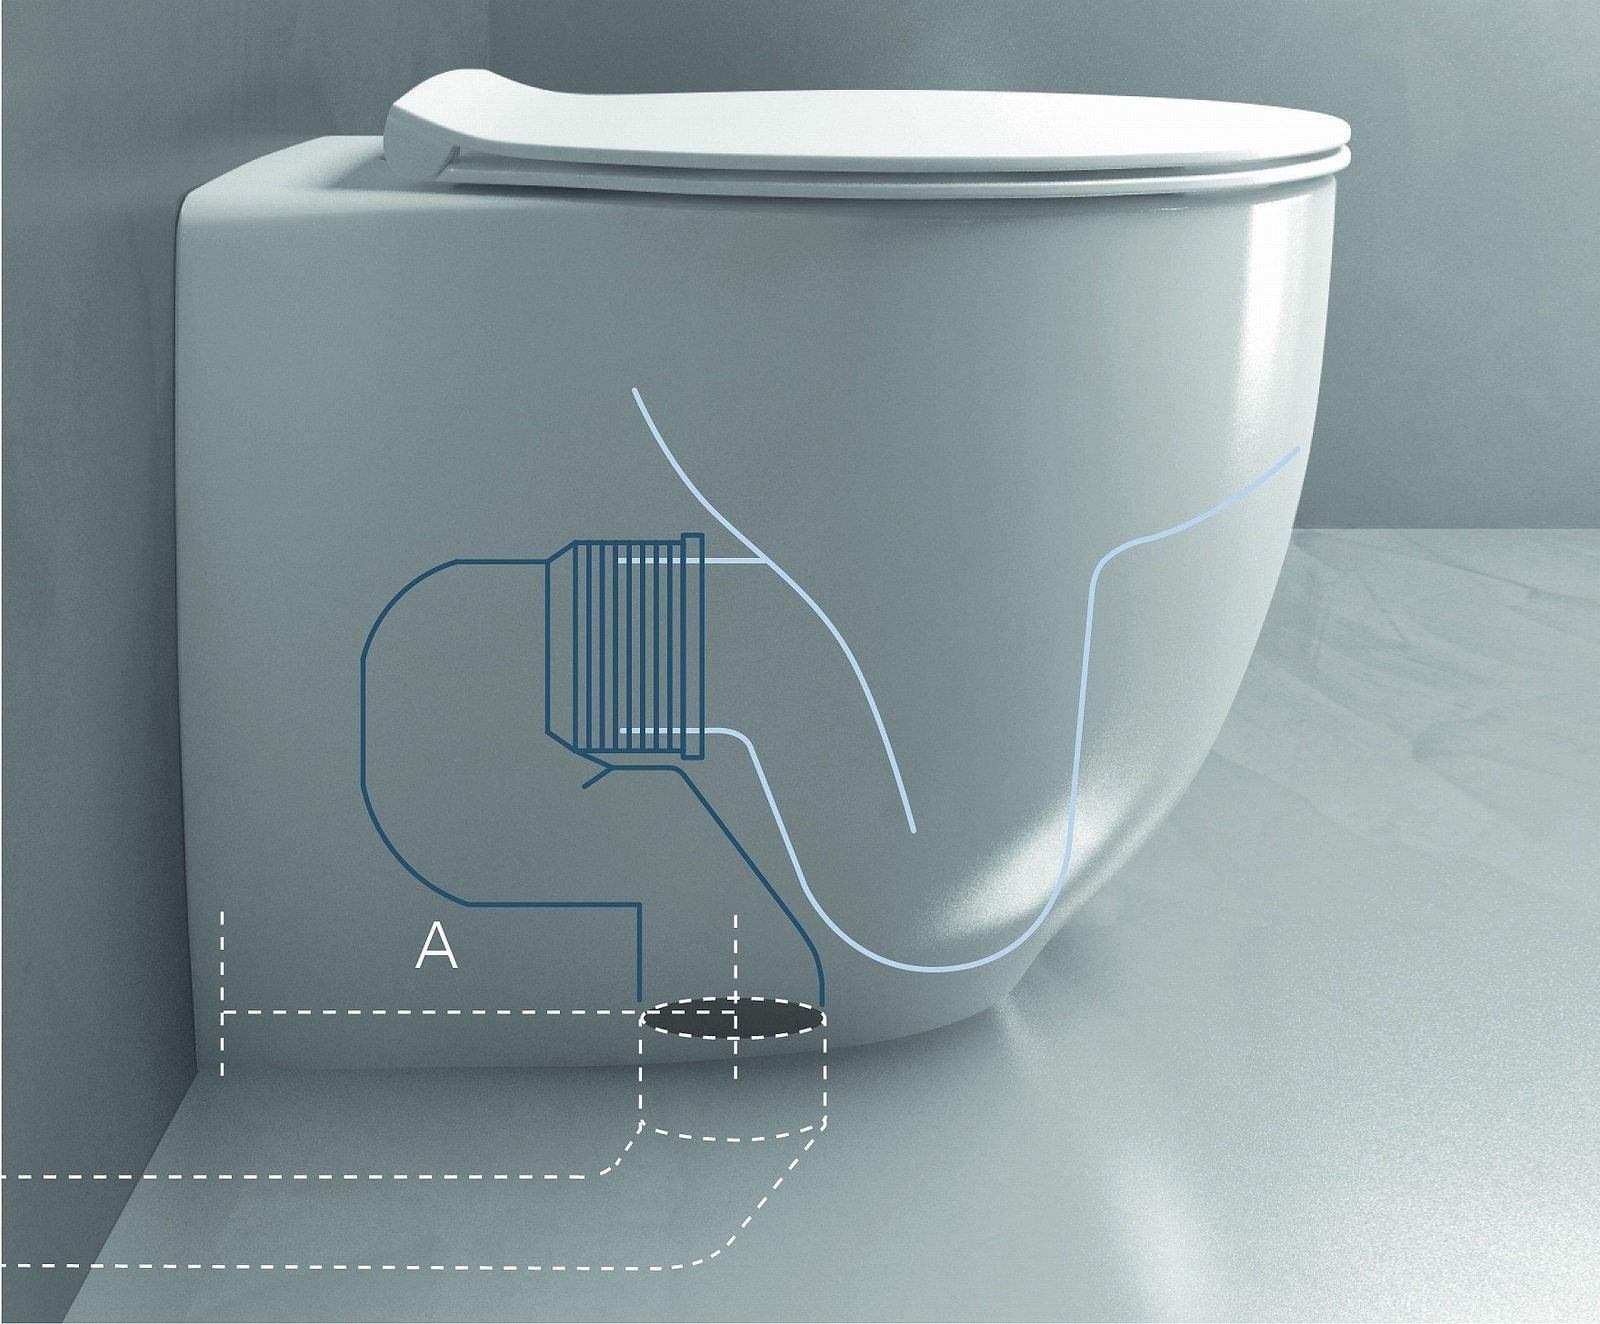 Ristrutturare il bagno: sostituzione dei sanitari più facile con